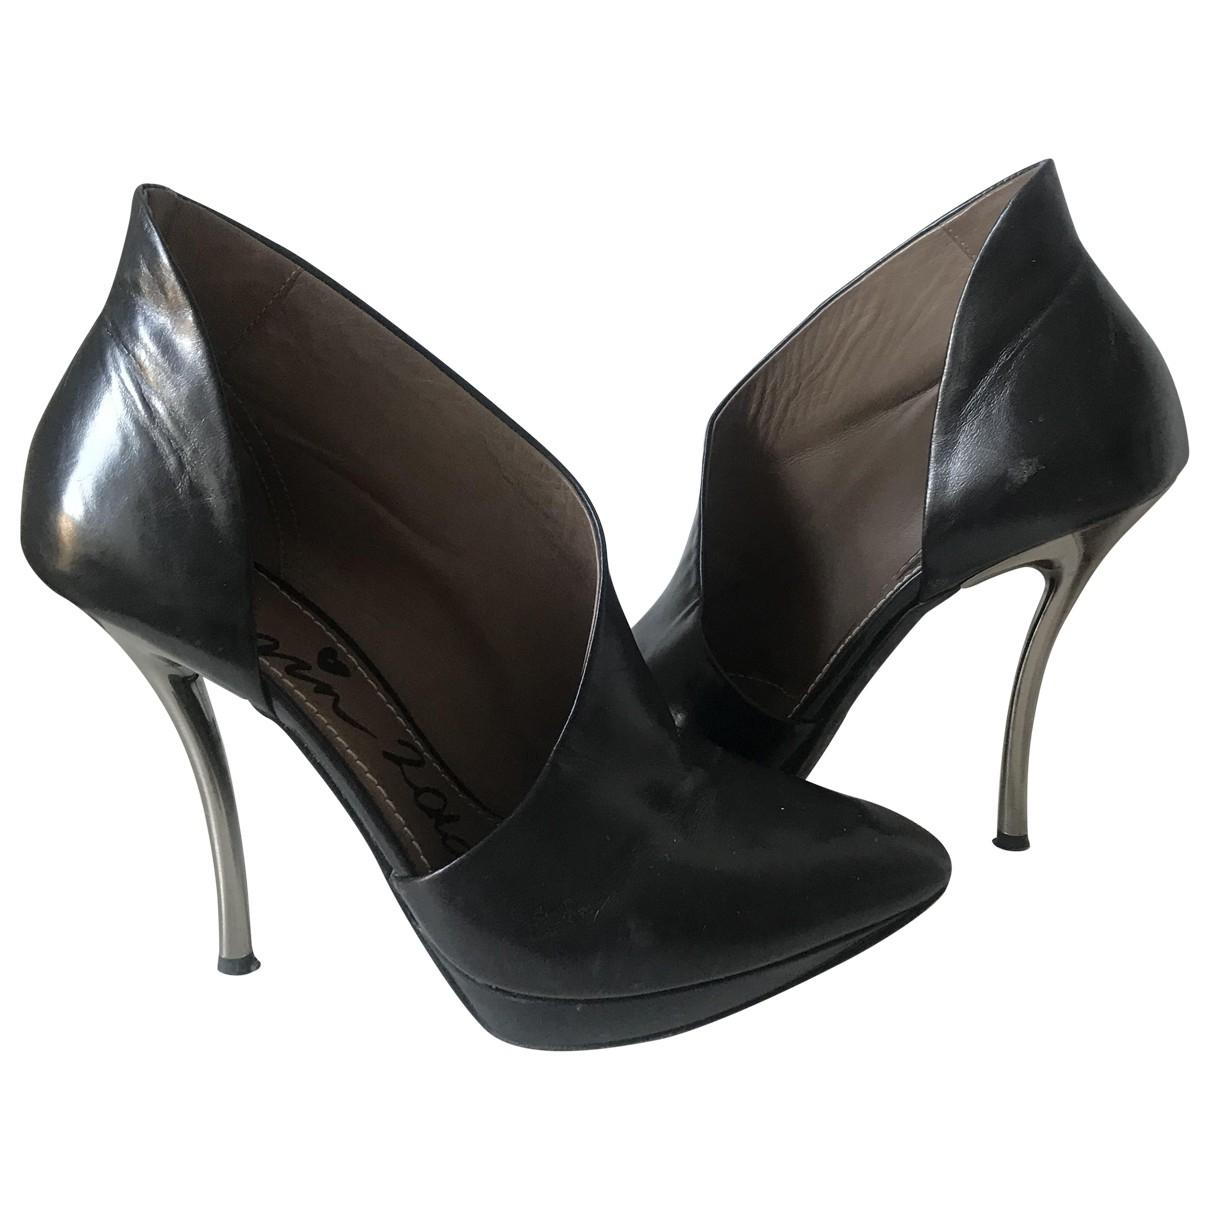 Lanvin \N Black Leather Heels for Women 36 EU